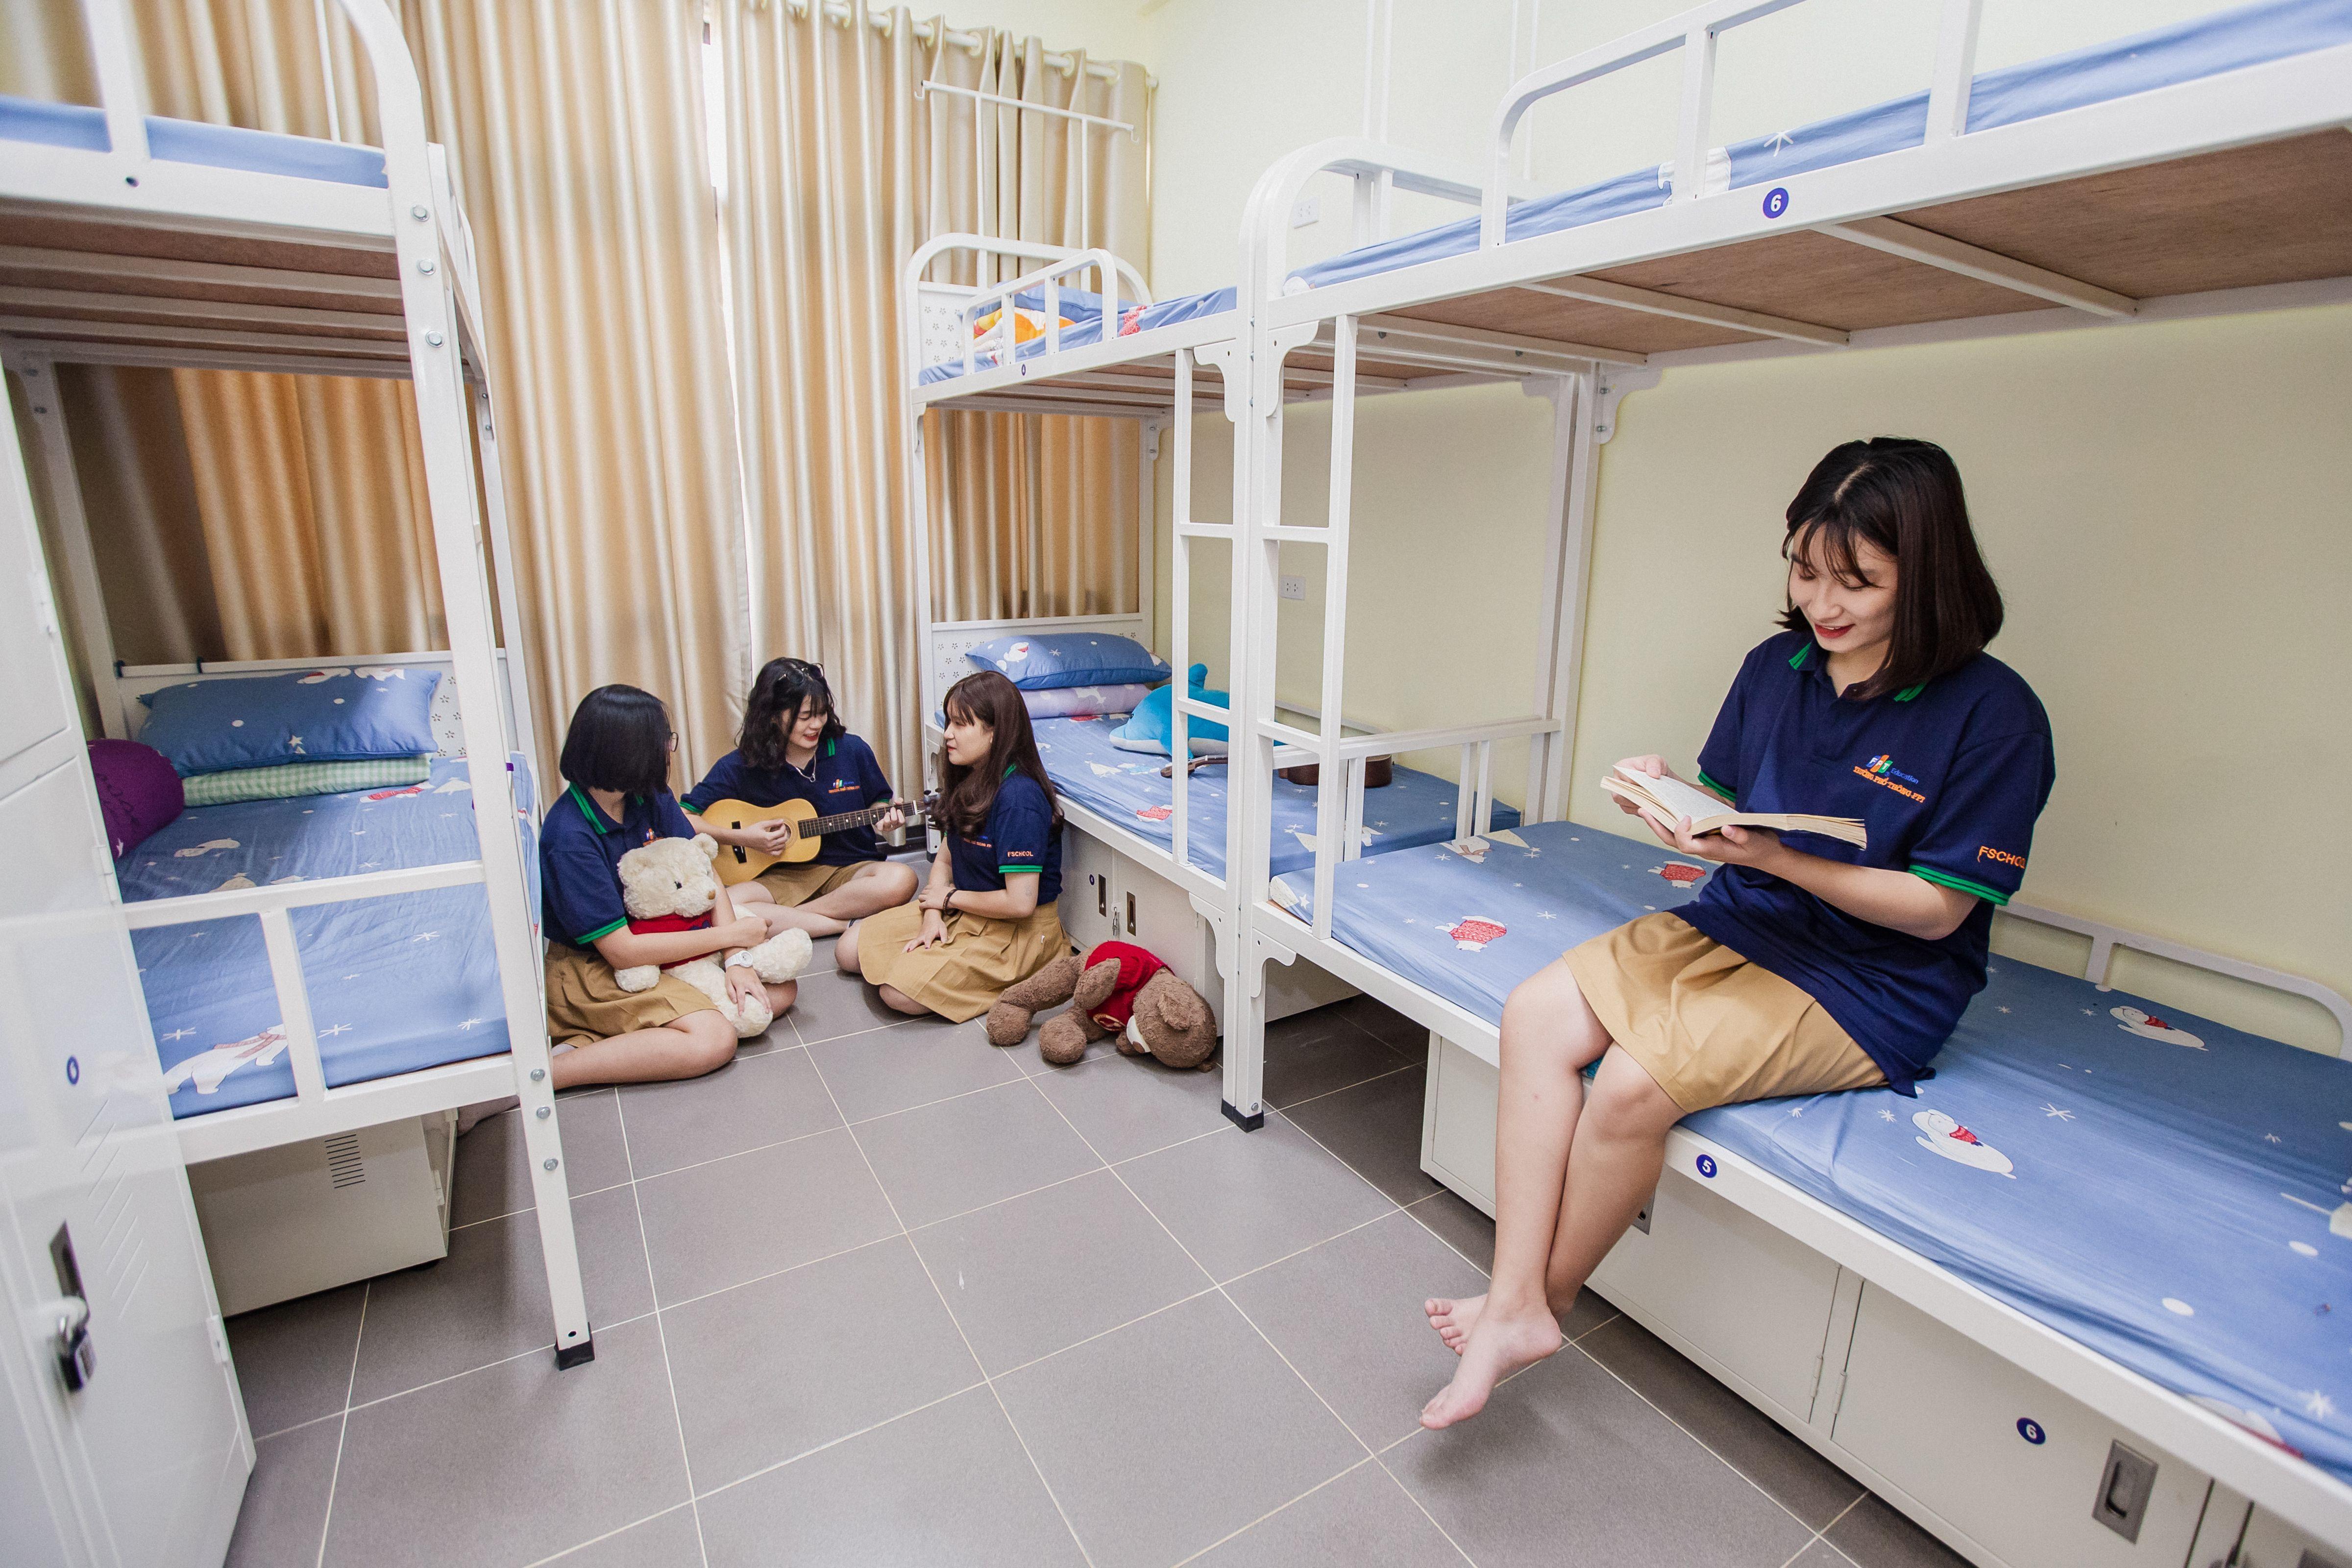 Những ngôi trường nội trú giữa lòng Hà Nội khiến nhiều phụ huynh phấn khích muốn đưa con vào học ngay lập tức - Ảnh 11.